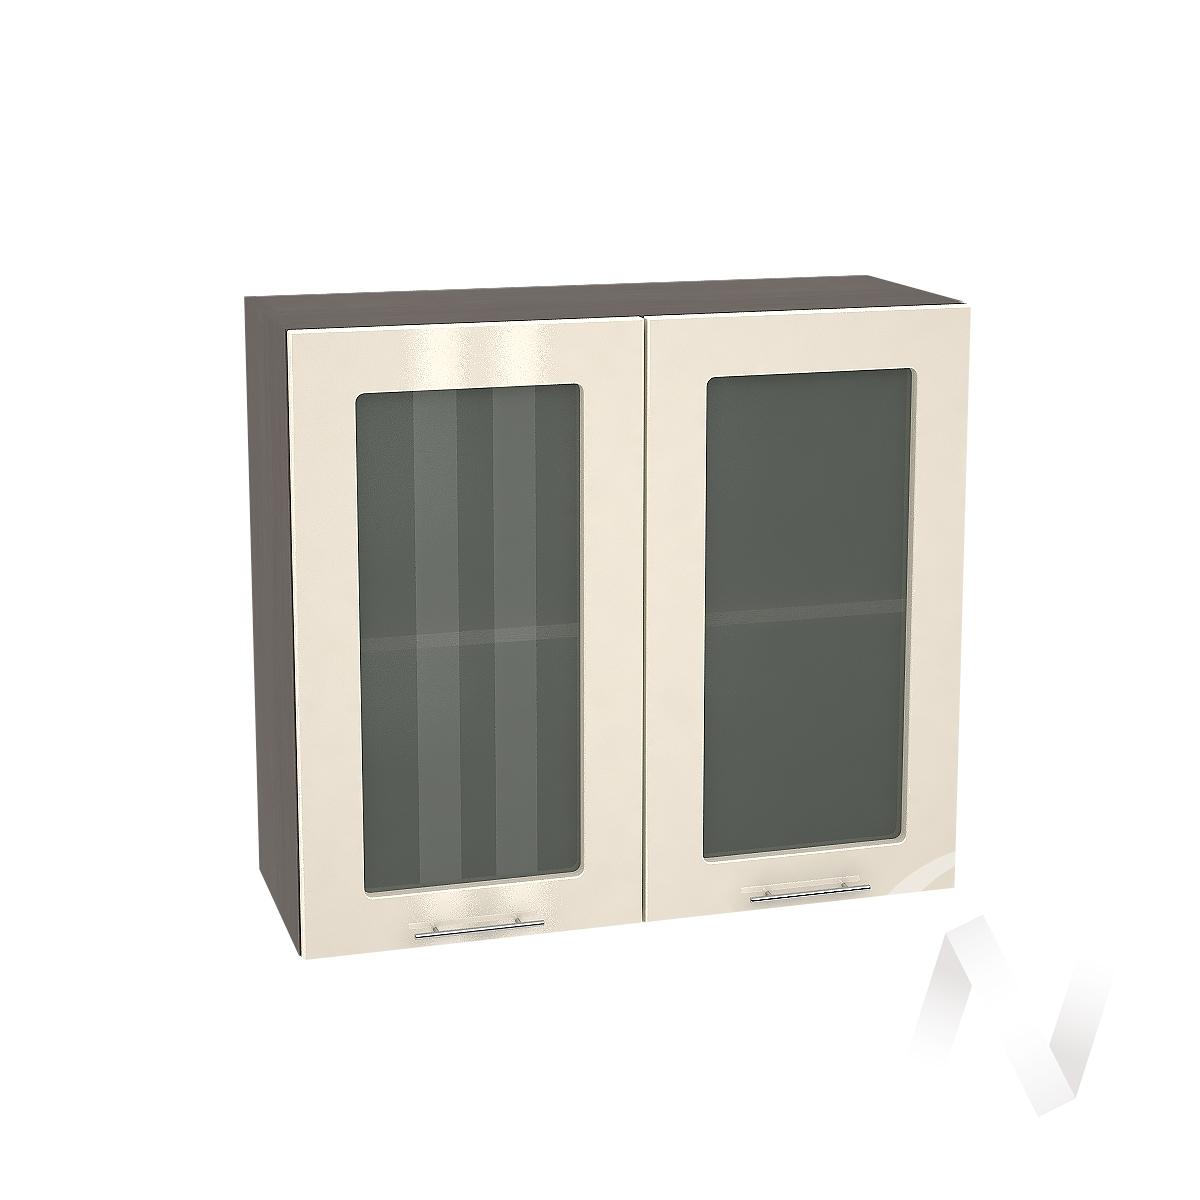 """Кухня """"Валерия-М"""": Шкаф верхний со стеклом 800, ШВС 800 (Ваниль глянец/корпус венге)"""